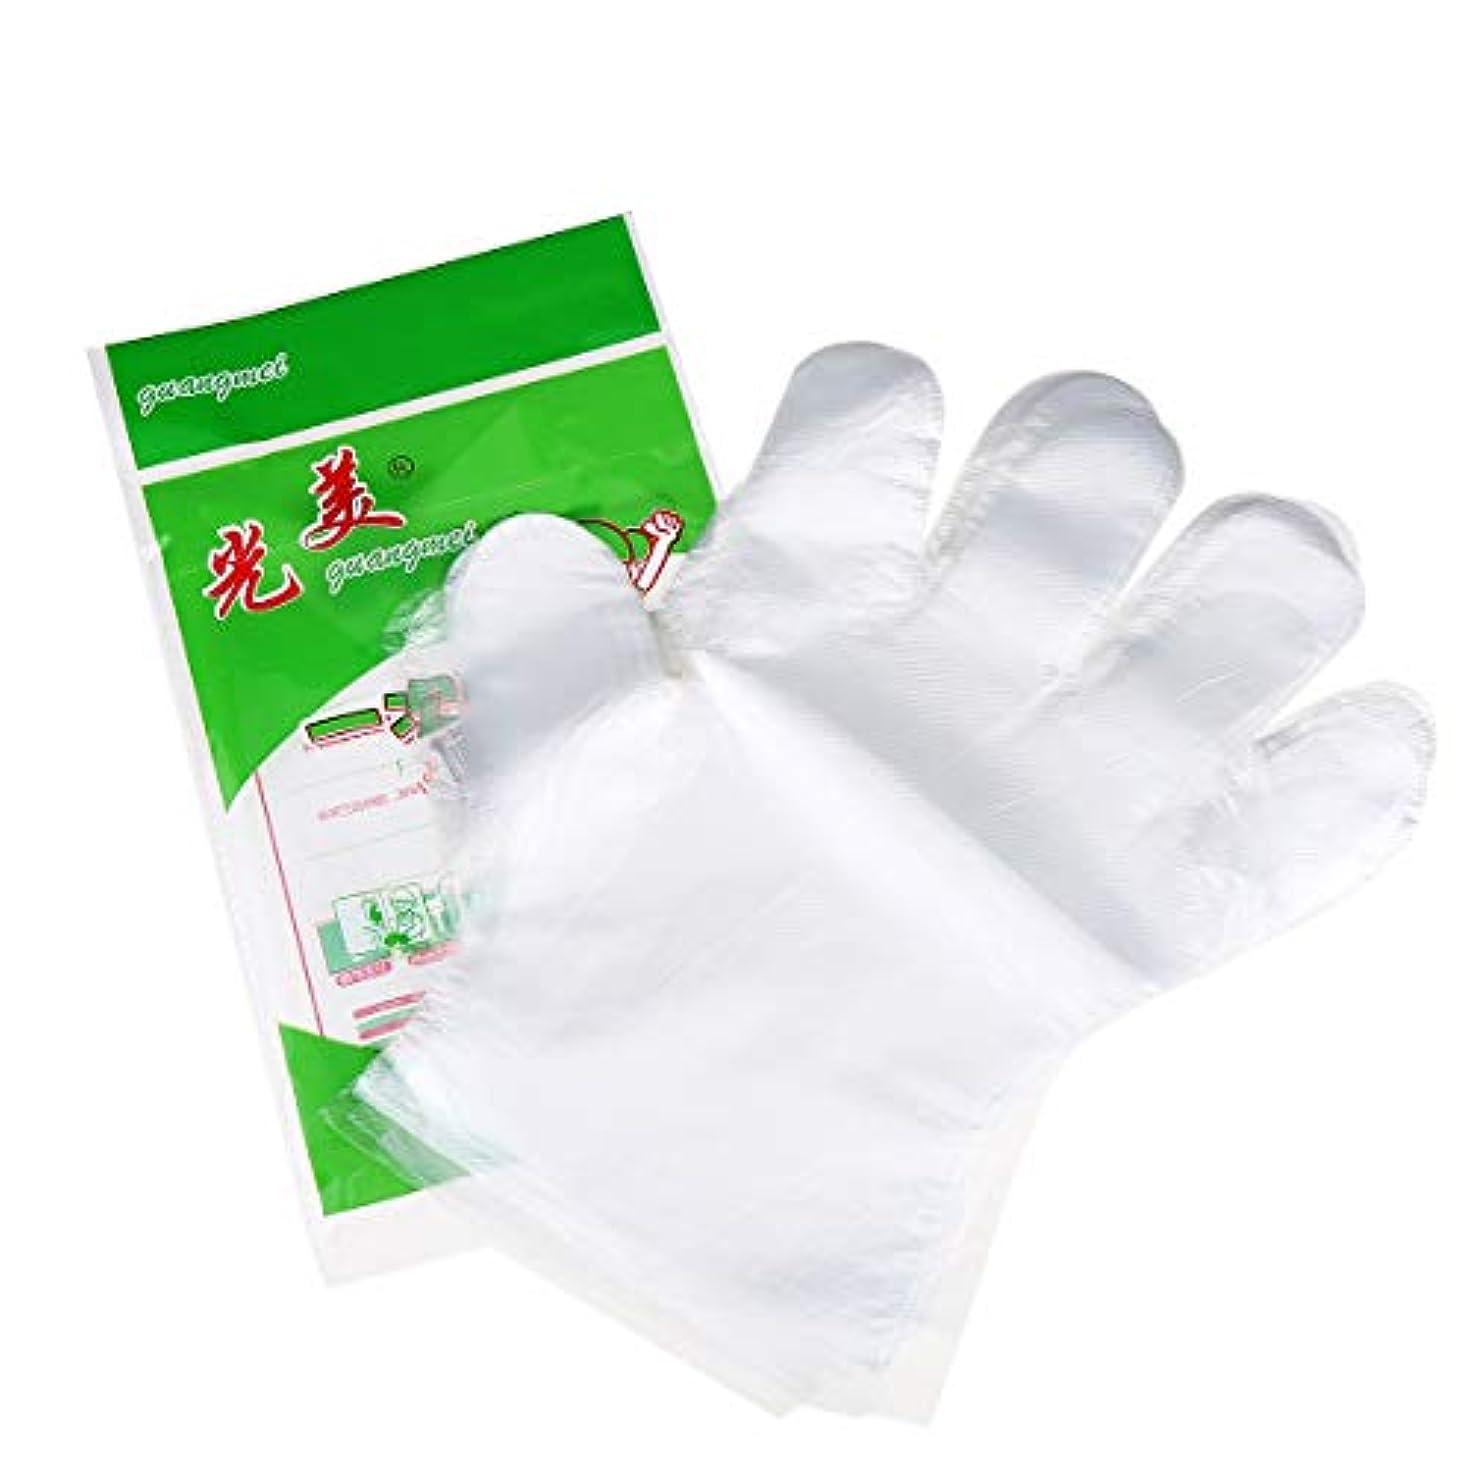 カナダ油失礼CCINEE 使い捨て手袋 極薄ビニール手袋 ポリエチレン 透明 実用 衛生 100枚セット極薄手袋 調理に?お掃除に?毛染めに